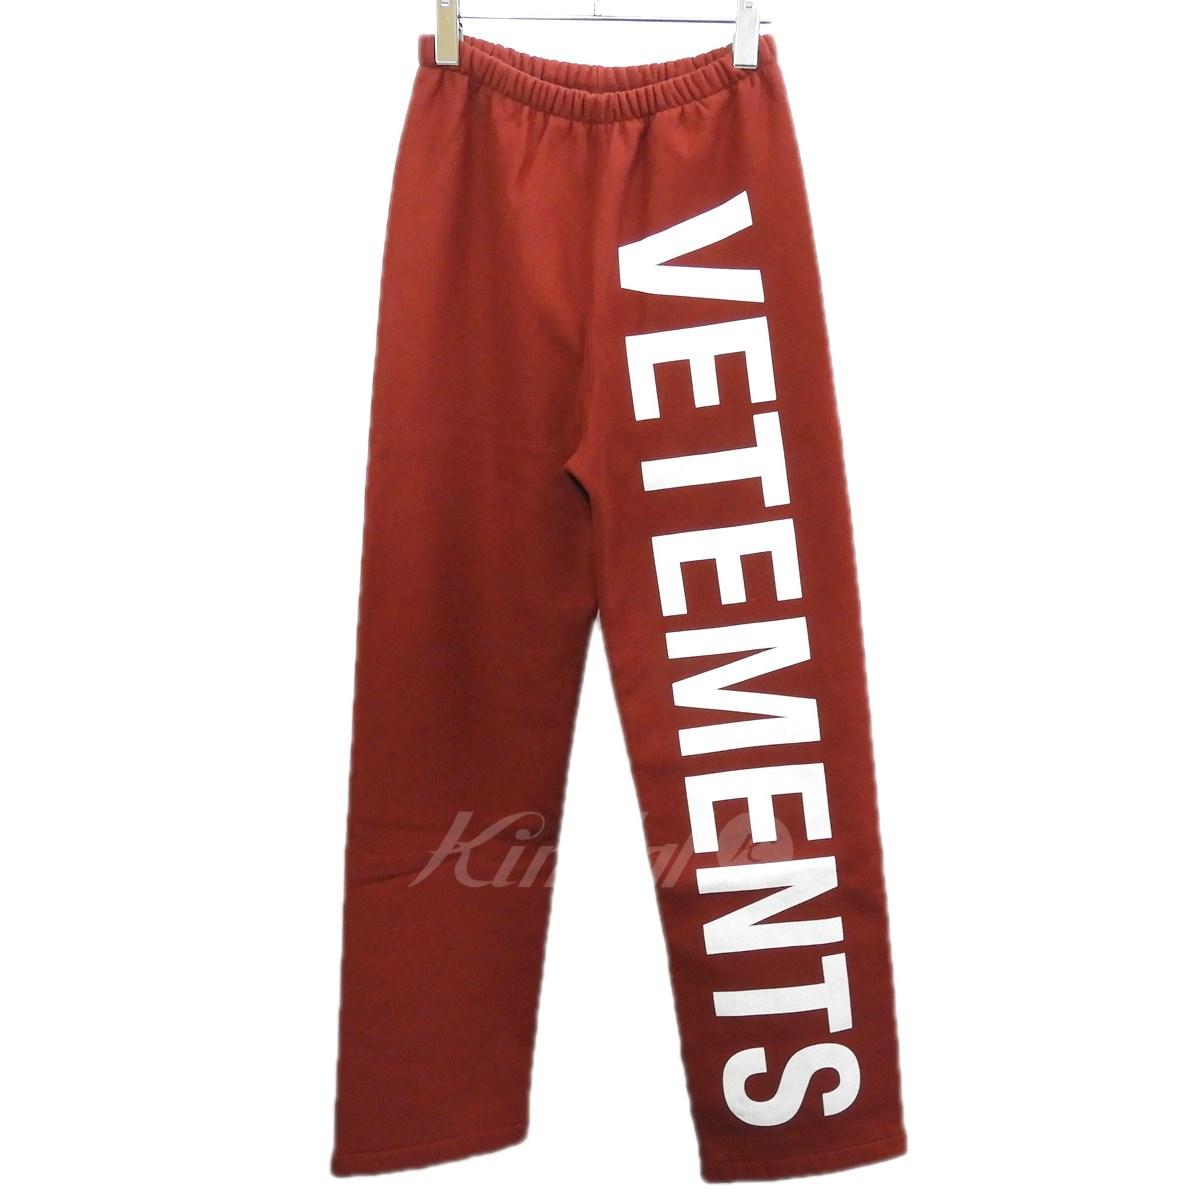 【4月8日 お値段見直しました】【中古】VETEMENTS18AW「Logo Sweatpants」ロゴスウェットパンツ レッド サイズ:XS 【送料無料】